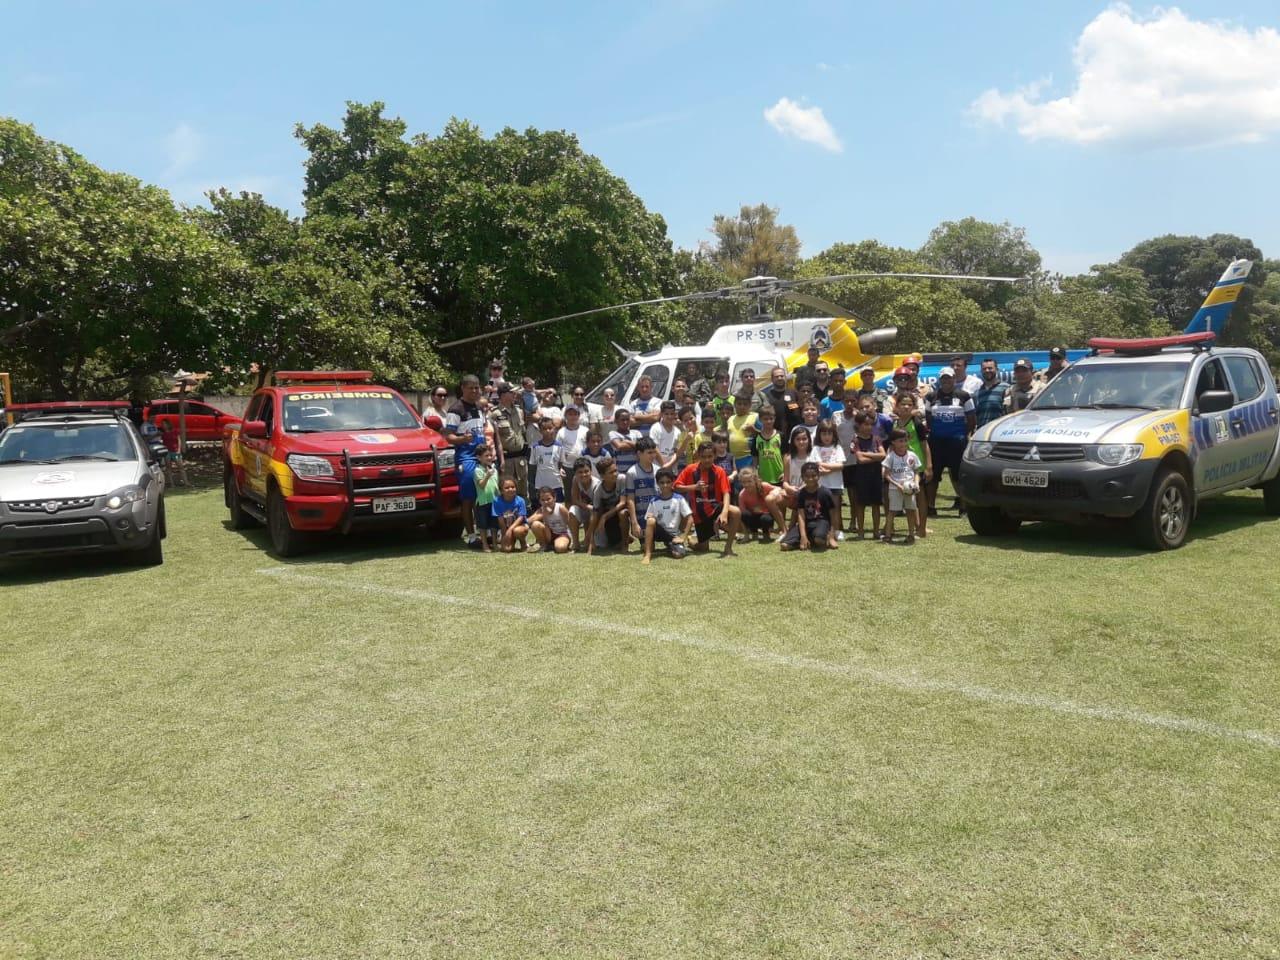 Polícia Militar realiza ações lúdicas e educativas em comemoração ao dia das crianças